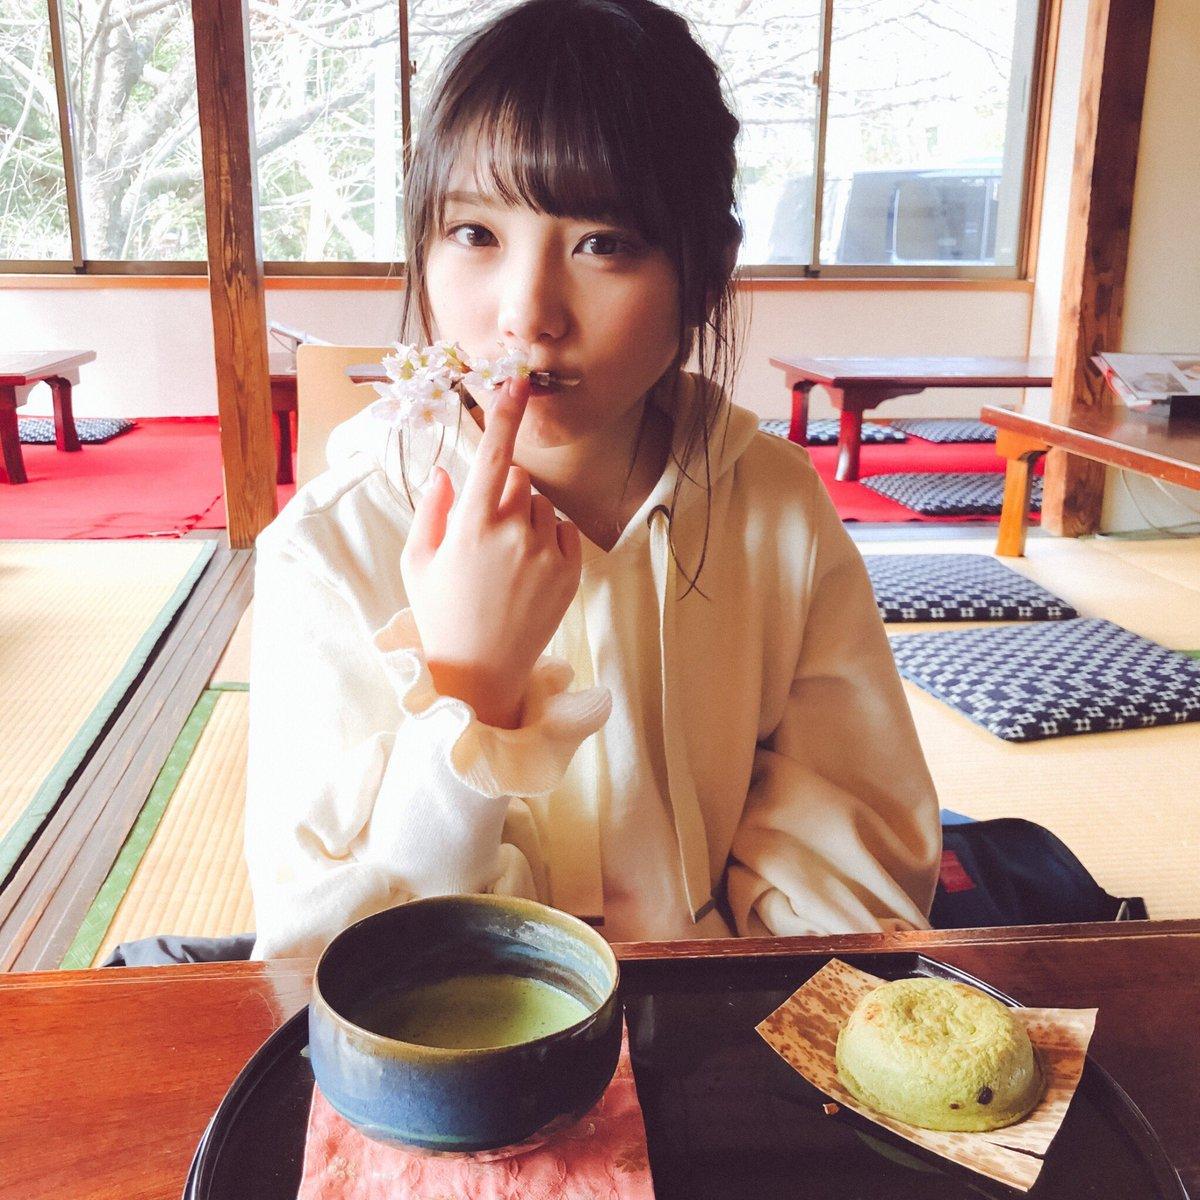 おなかすいたね! カフェ行かん? ここの岩井餅と抹茶のセット、すごく美味しいんよ😋 桜も食べらる…かな? ...